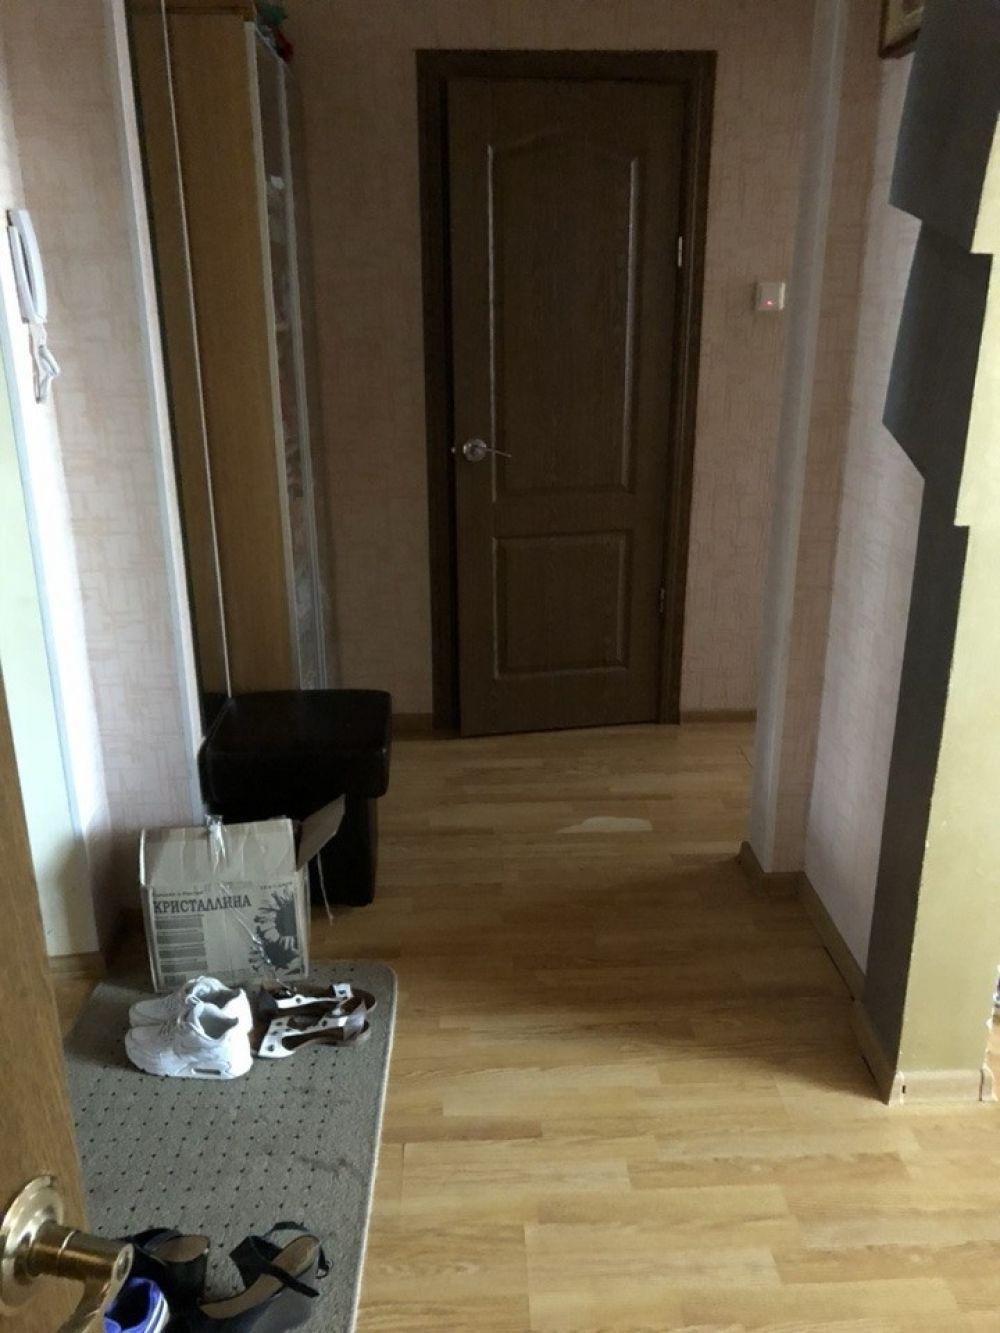 1-к квартира, Щёлково, улица Неделина, 24, фото 4